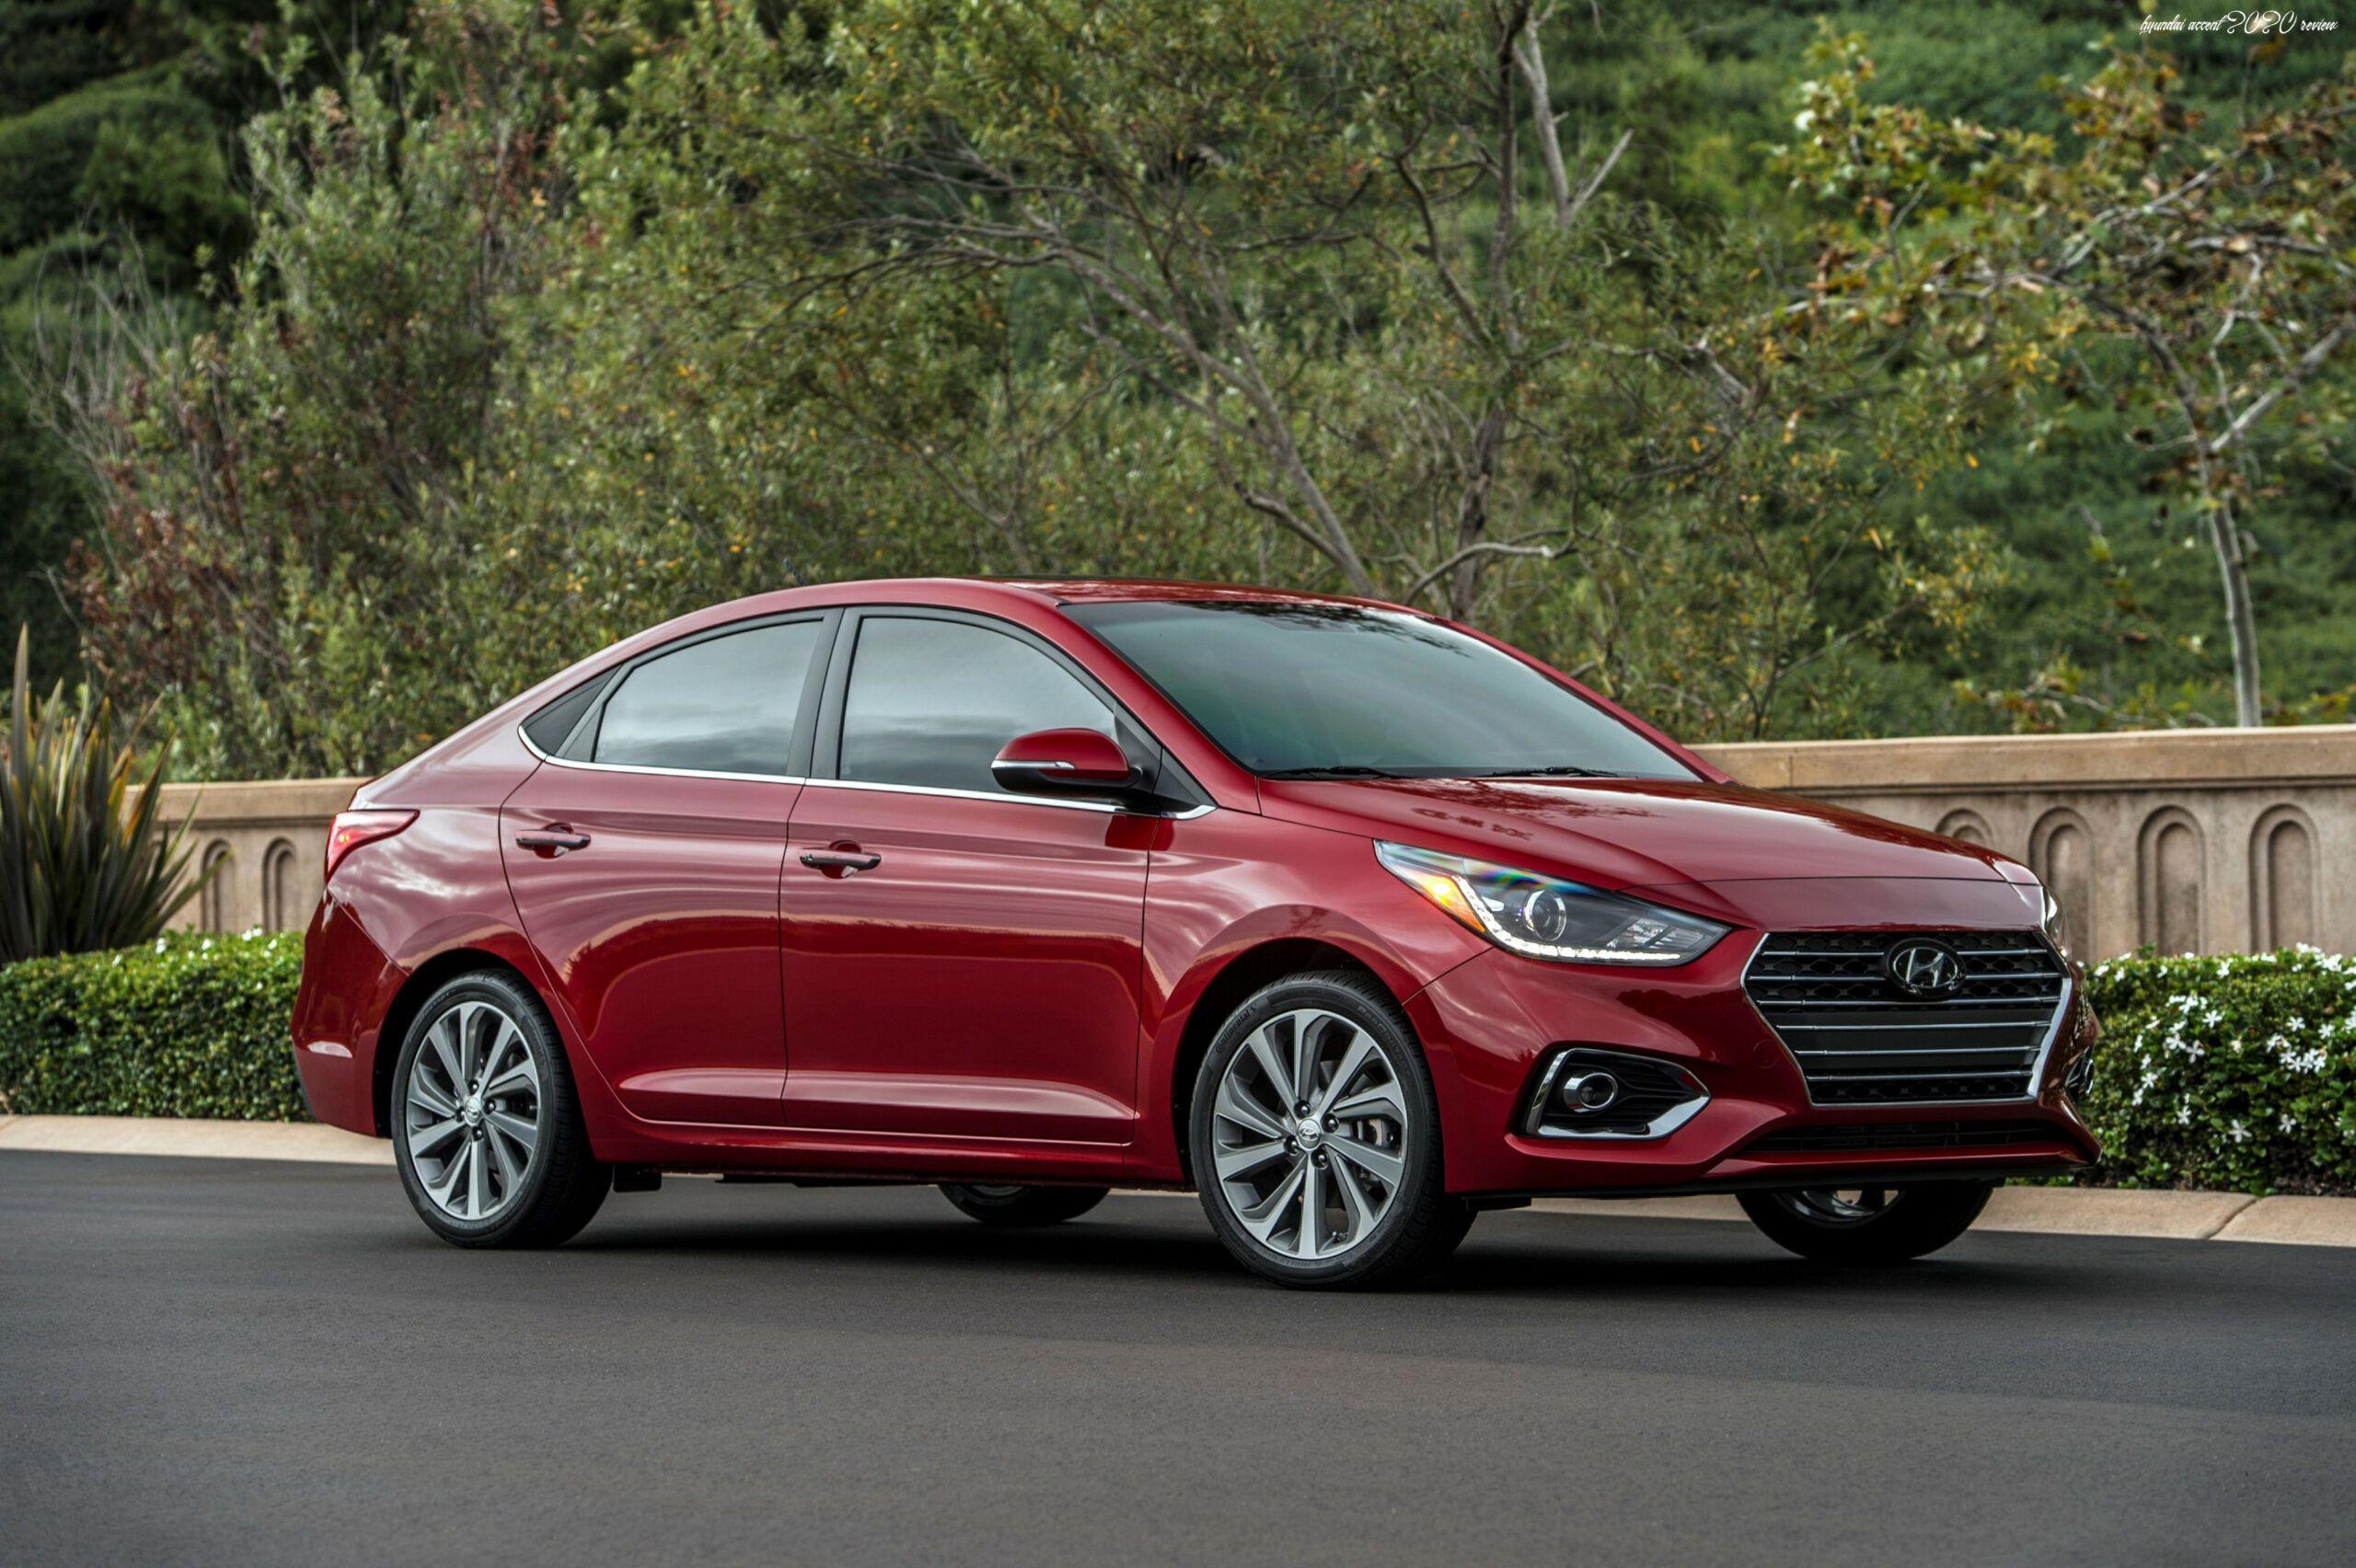 Hyundai Accent 2020 Review In 2020 Hyundai Accent Hyundai Cars Accent Car